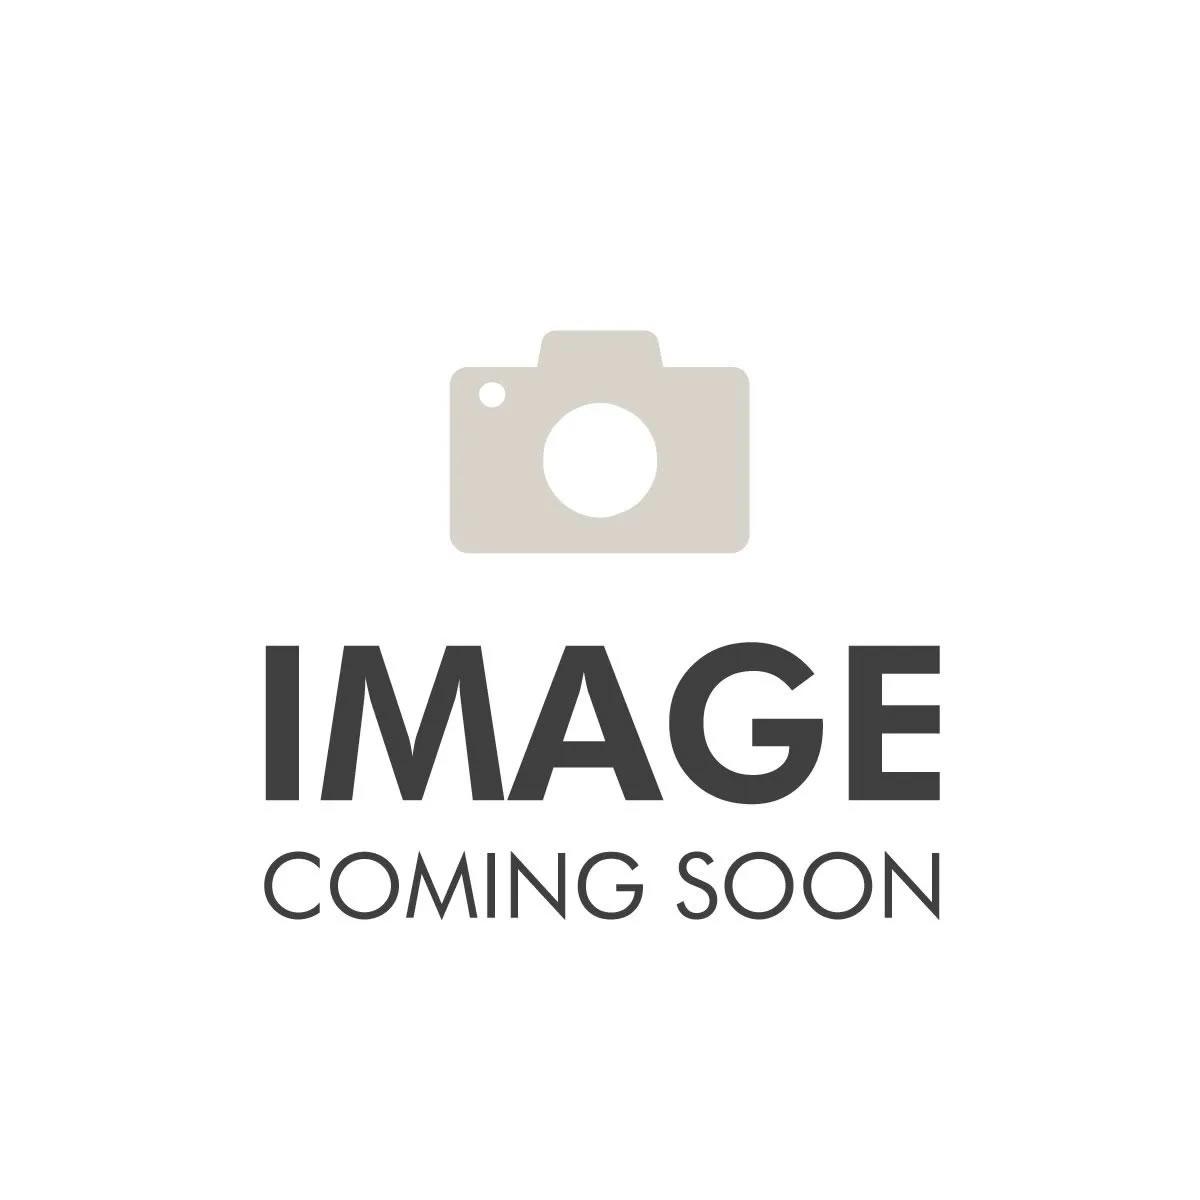 Distributor Cap, 6 Volt; 41-58 Willys/Jeep Models